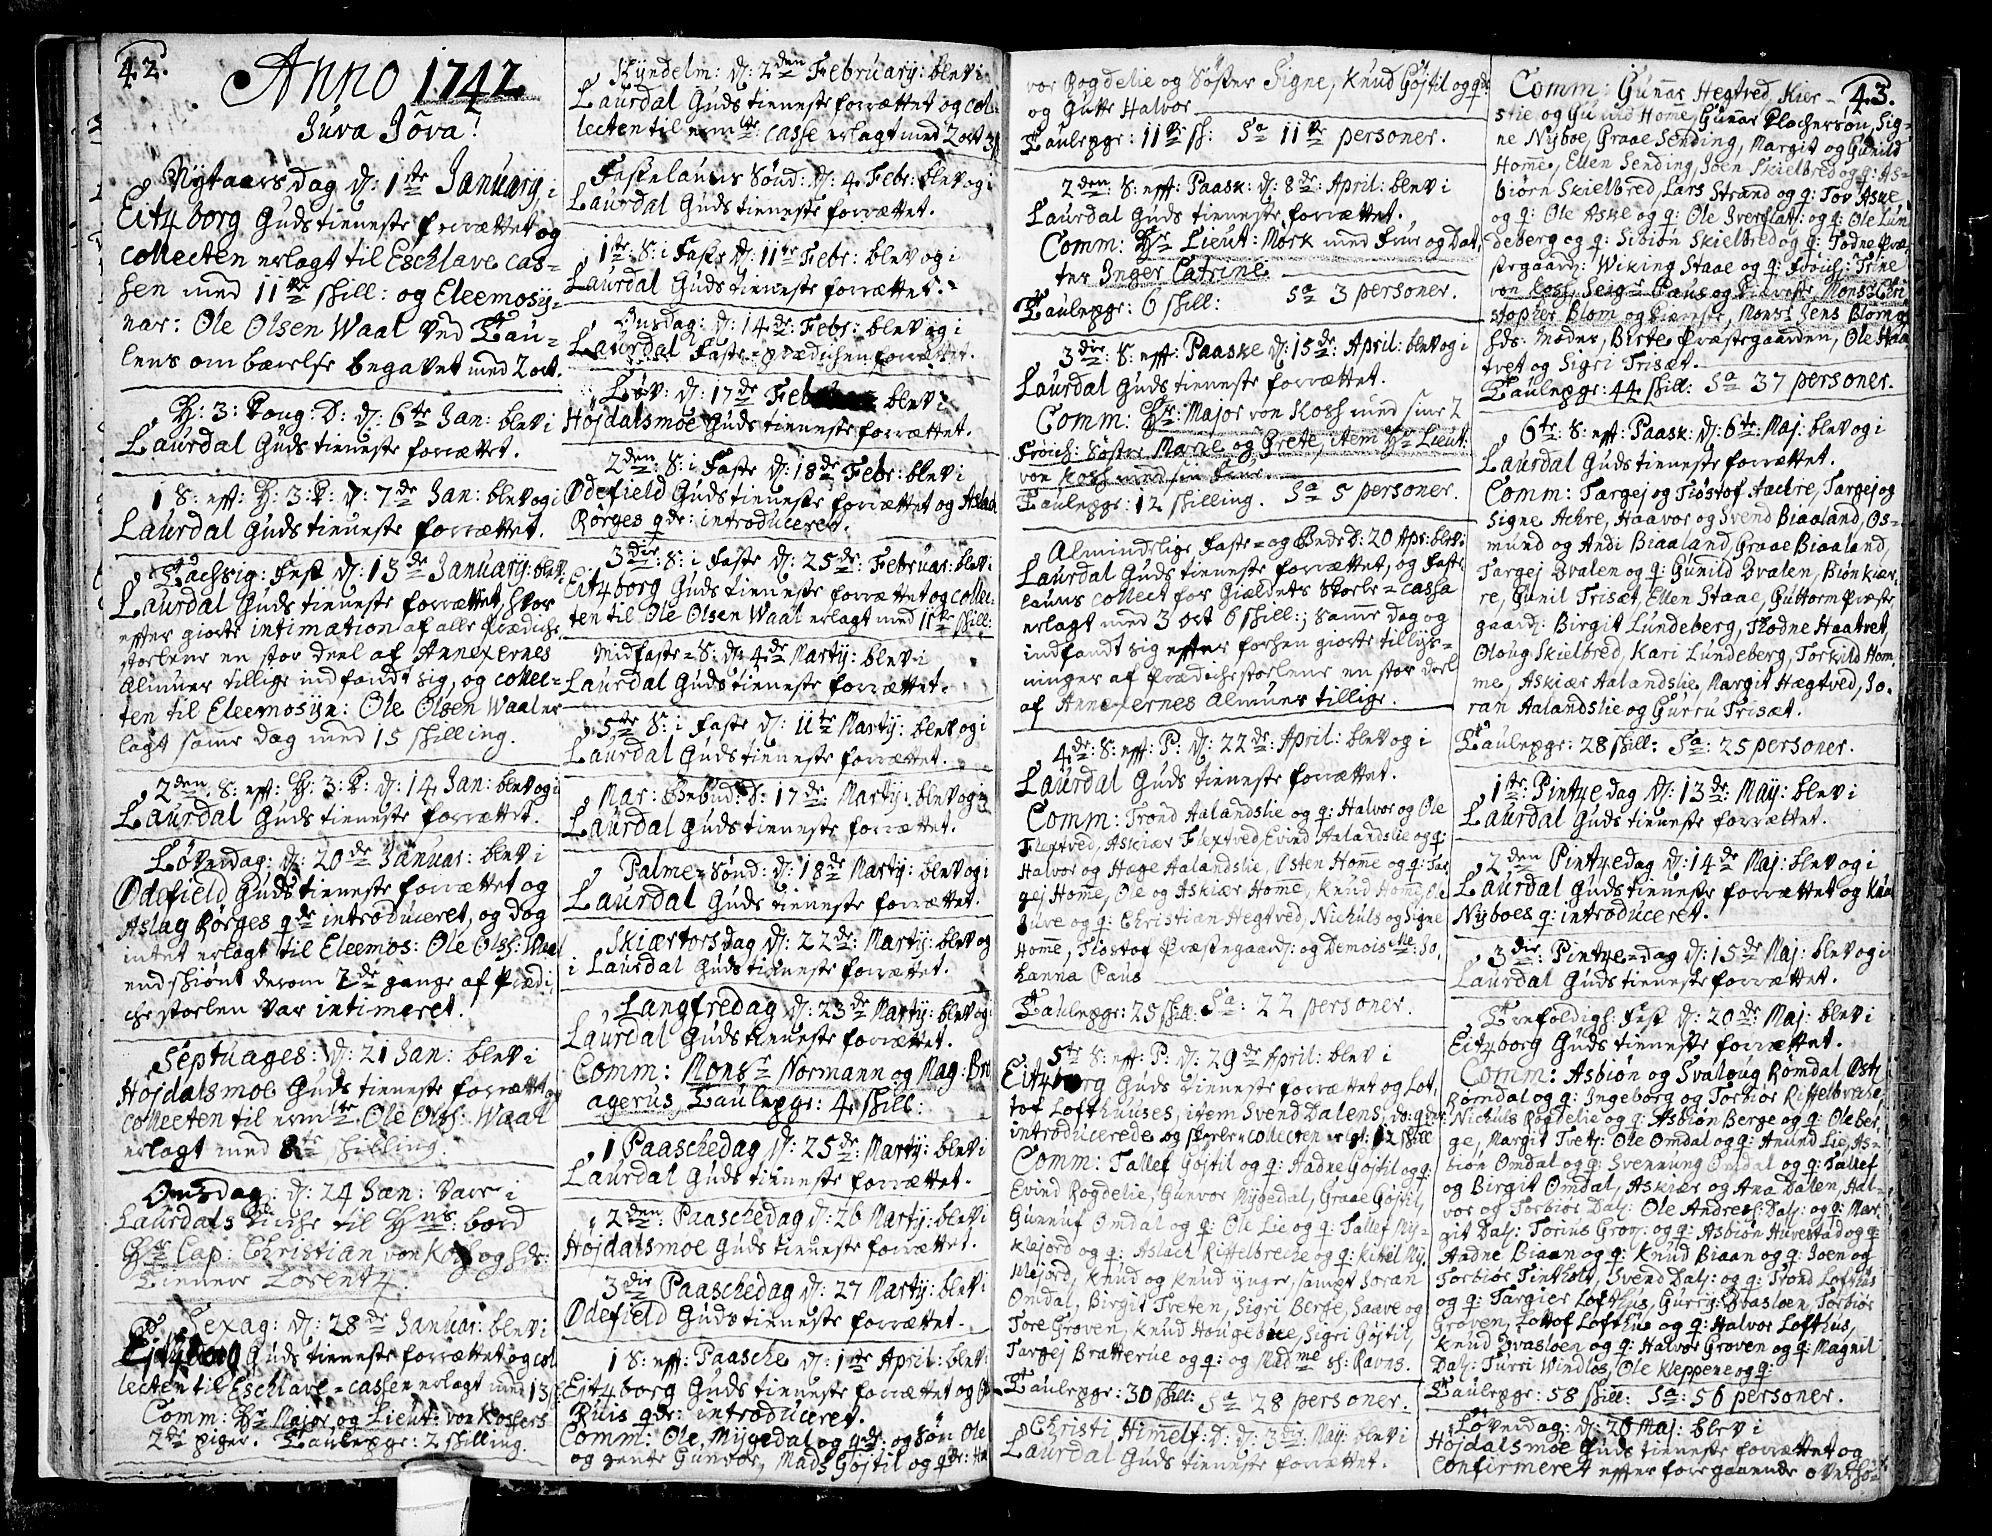 SAKO, Lårdal kirkebøker, F/Fa/L0002: Ministerialbok nr. I 2, 1734-1754, s. 42-43